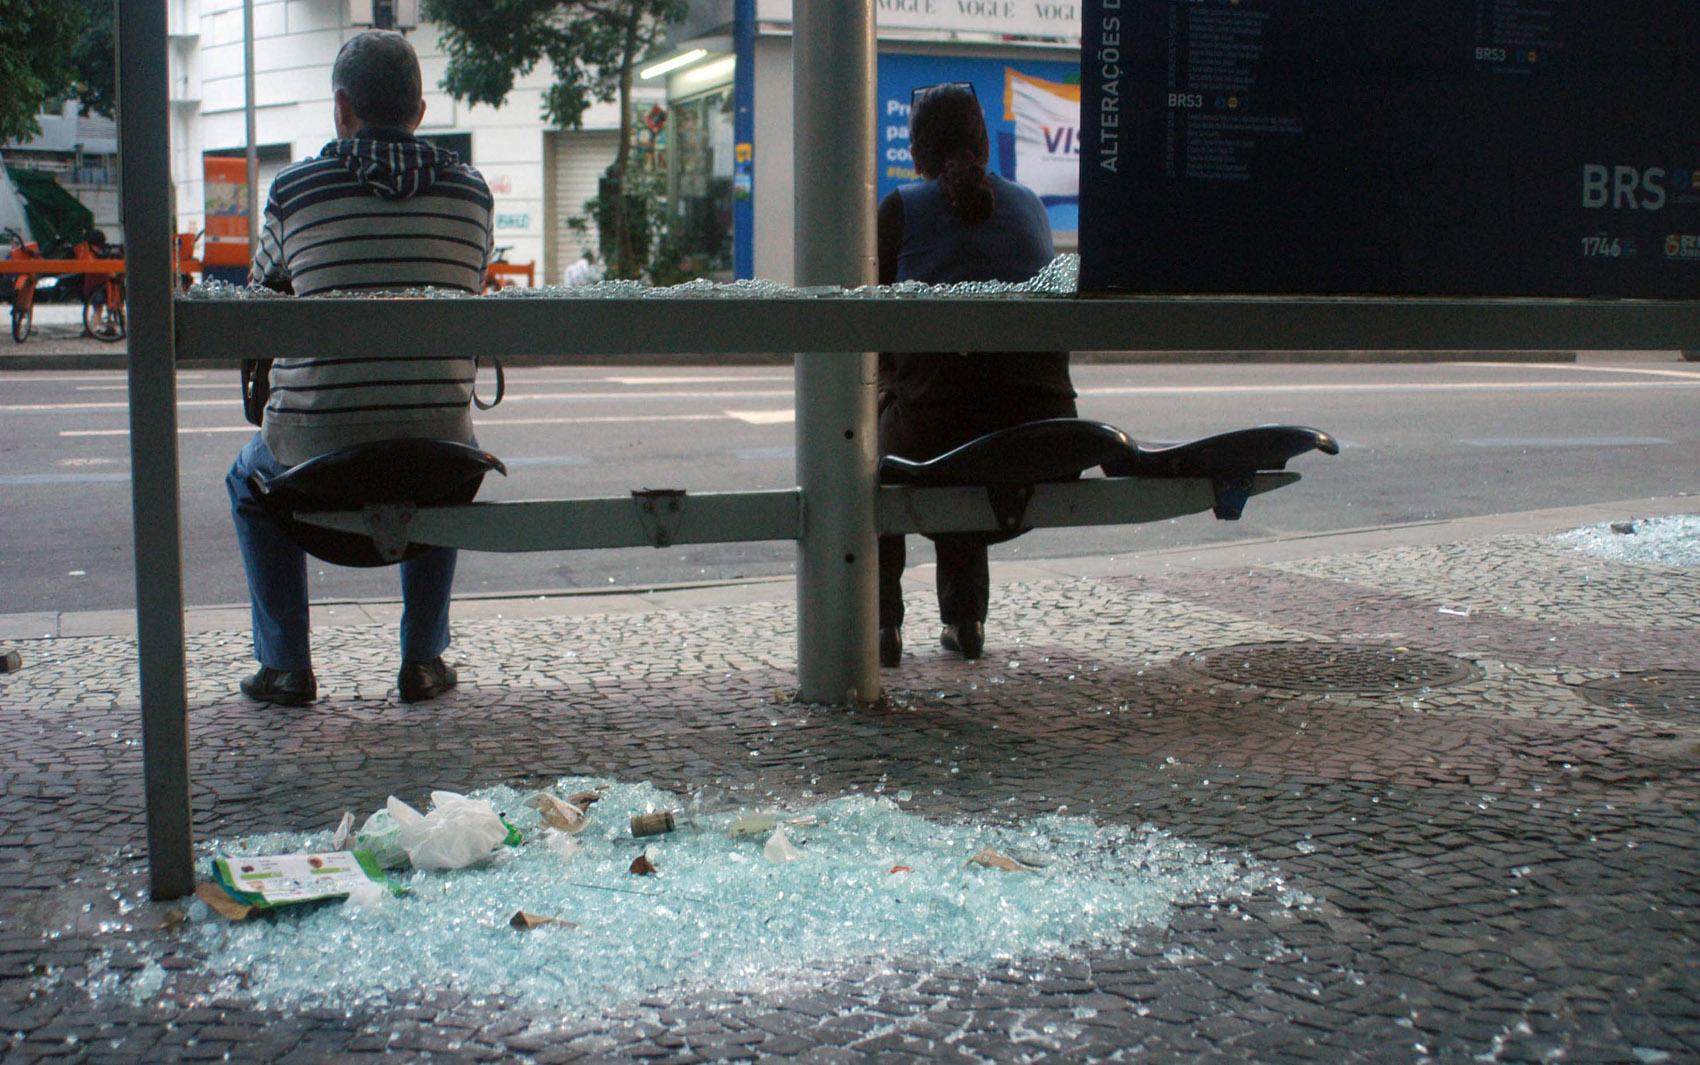 18/8 - Ponto de ônibus depredado após protesto e destruição no Rio de Janeiro.